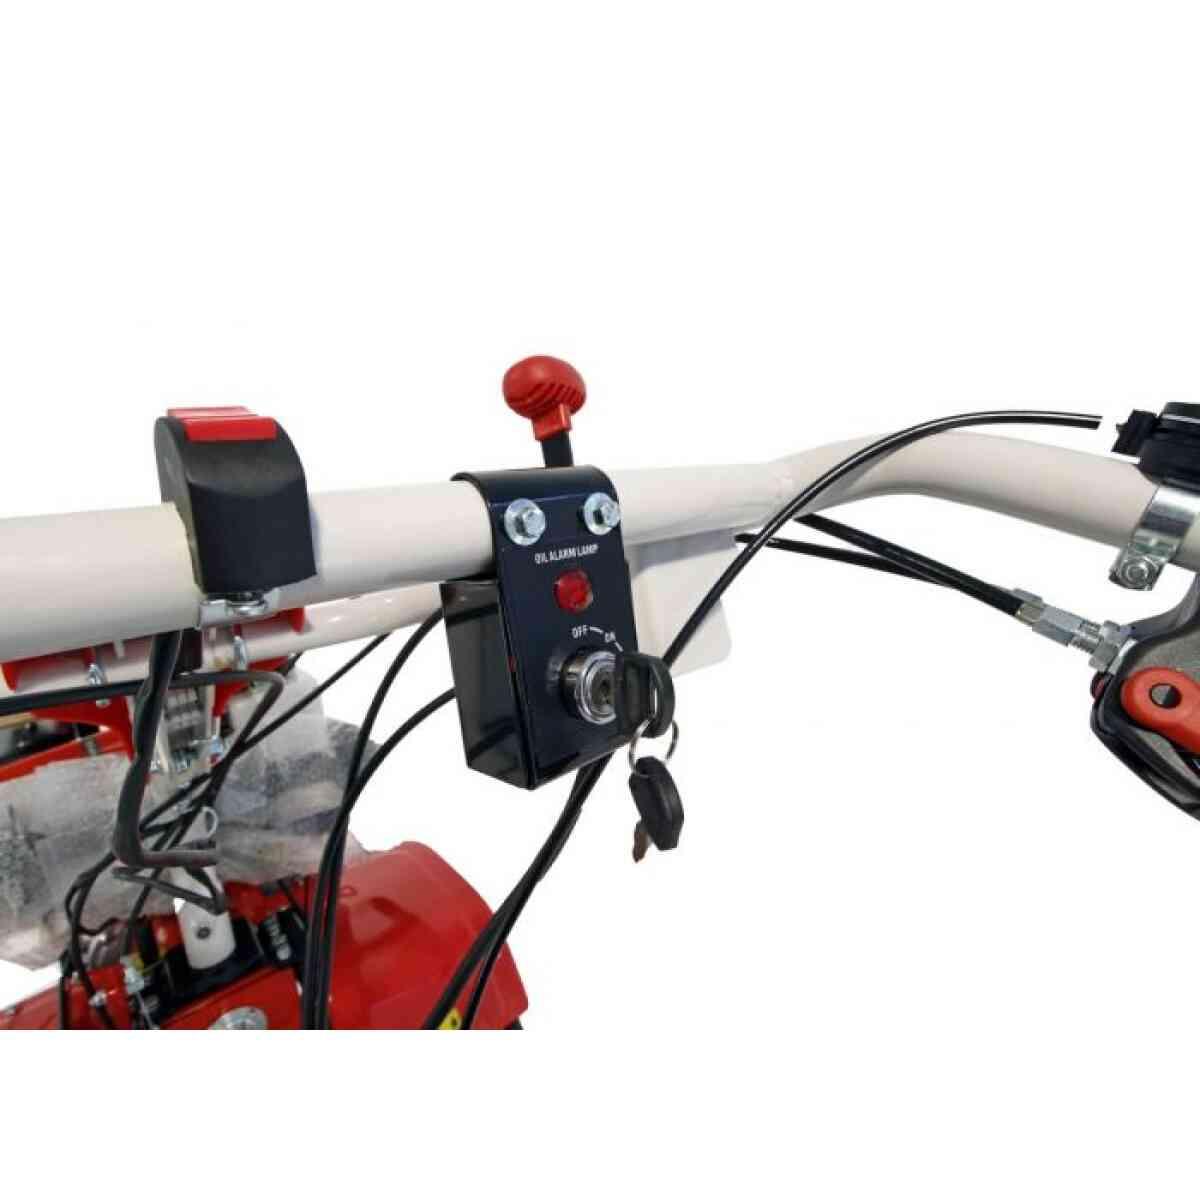 motocultor loncin lc1440 o mac.ro 10 1 1 2